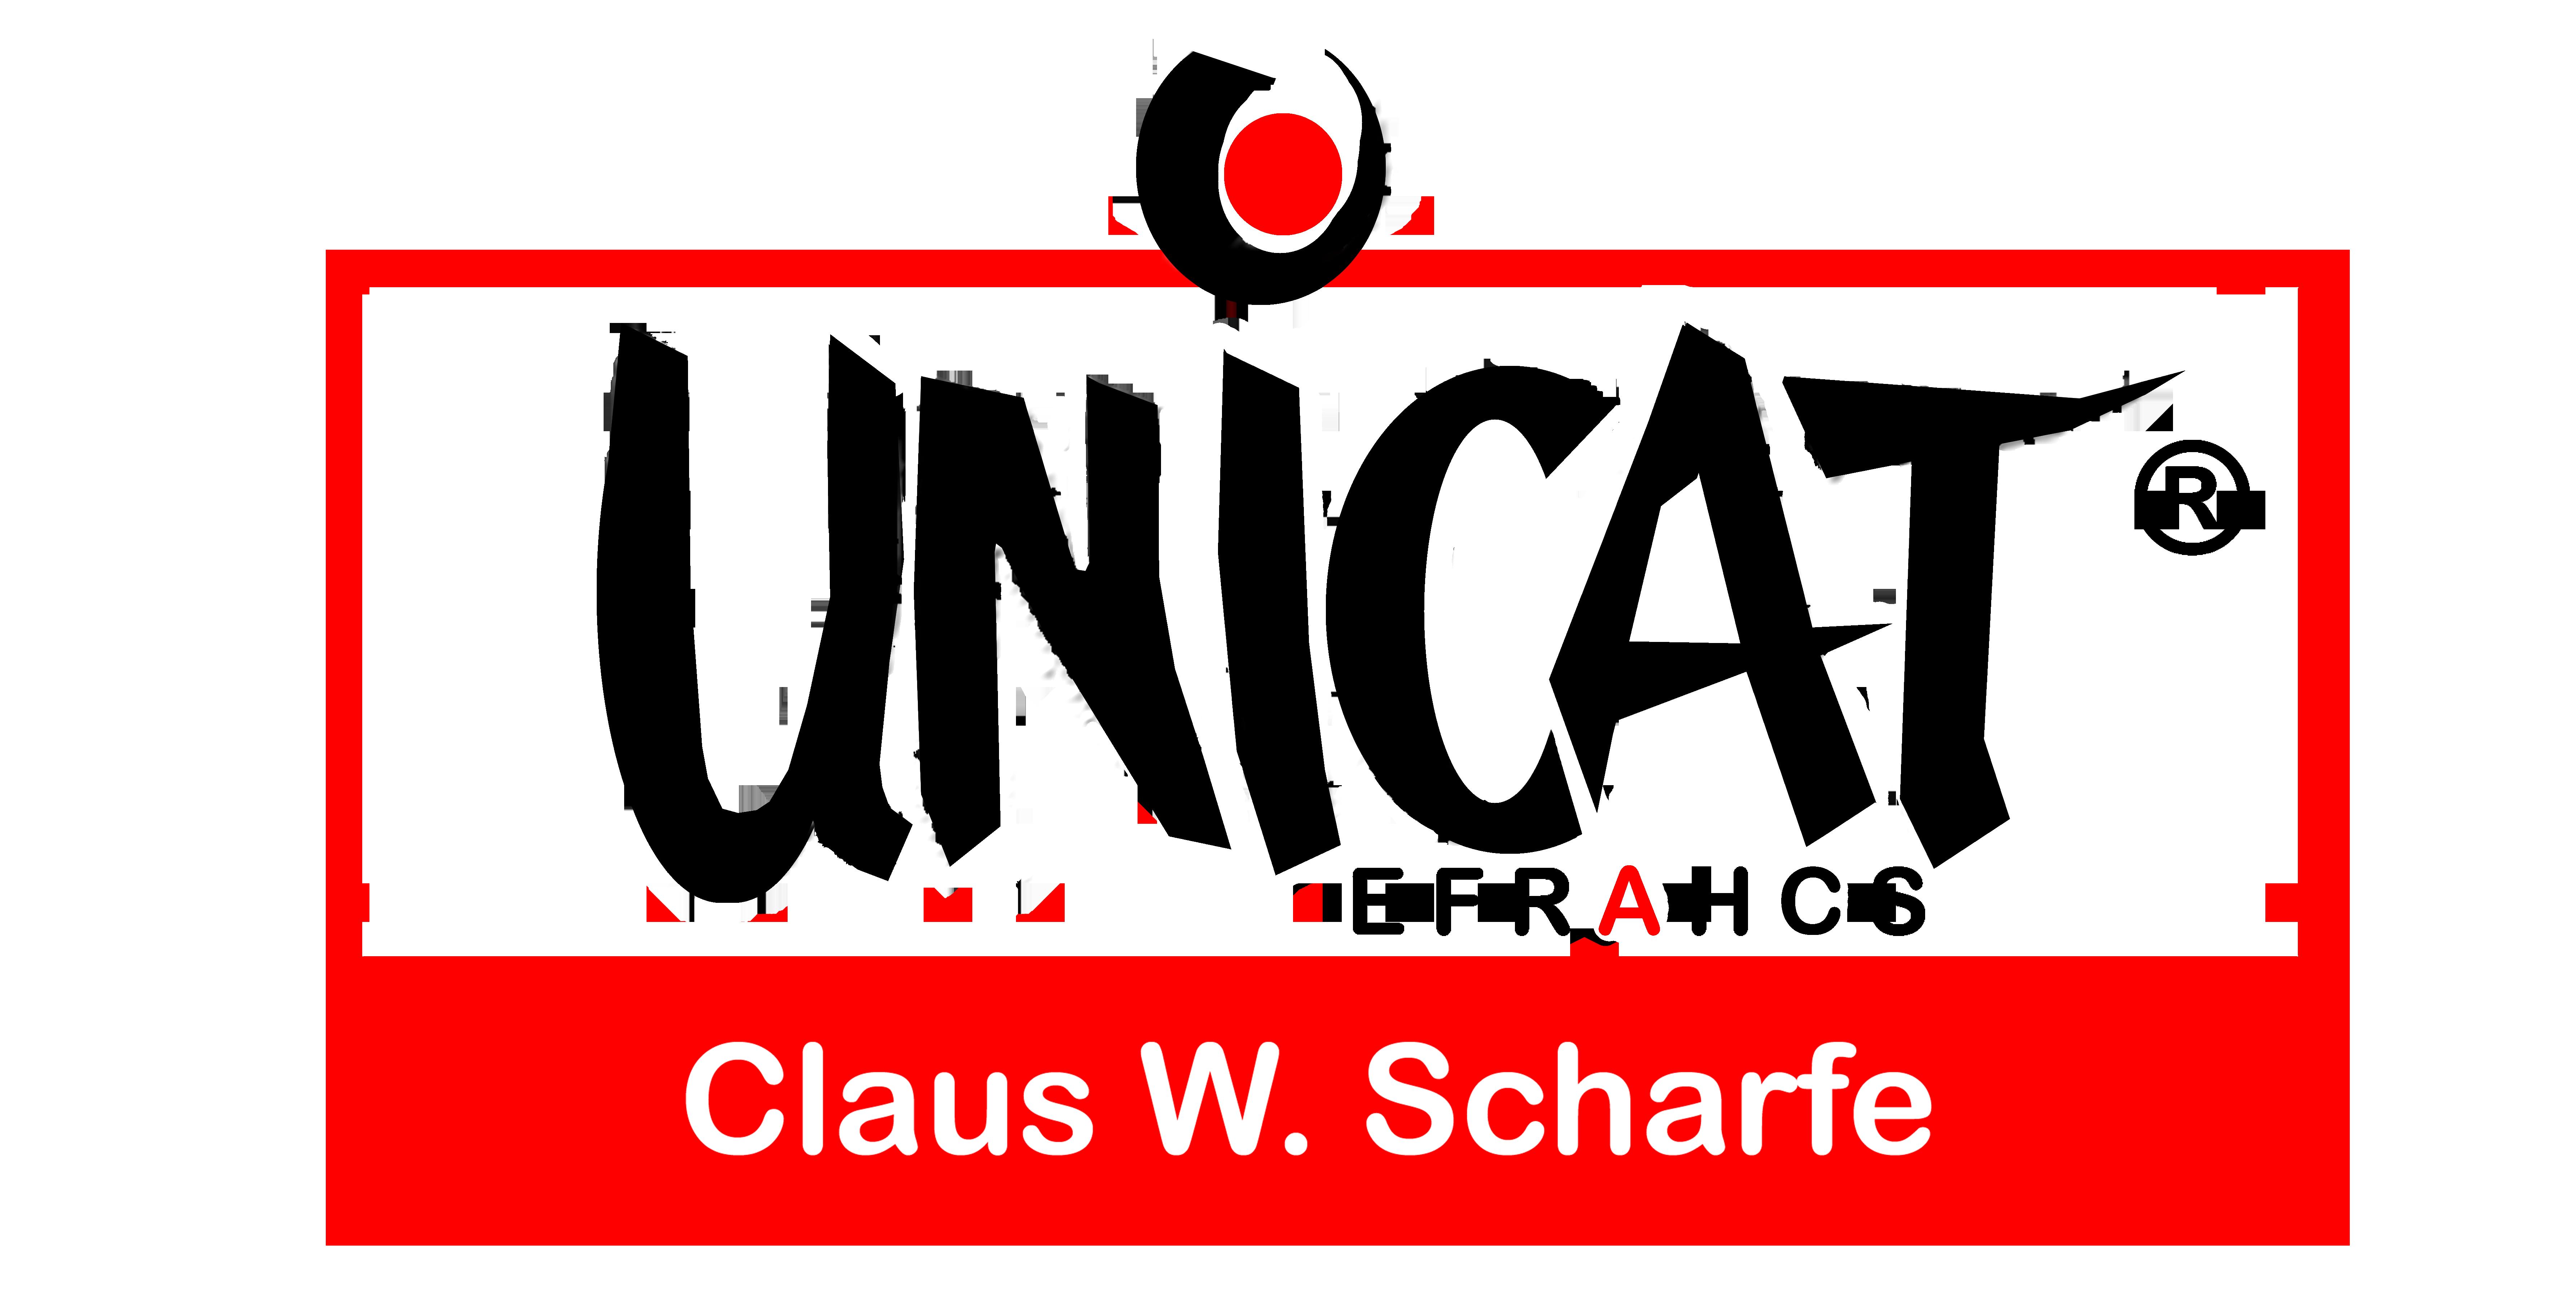 Claus Efrahcs Signature